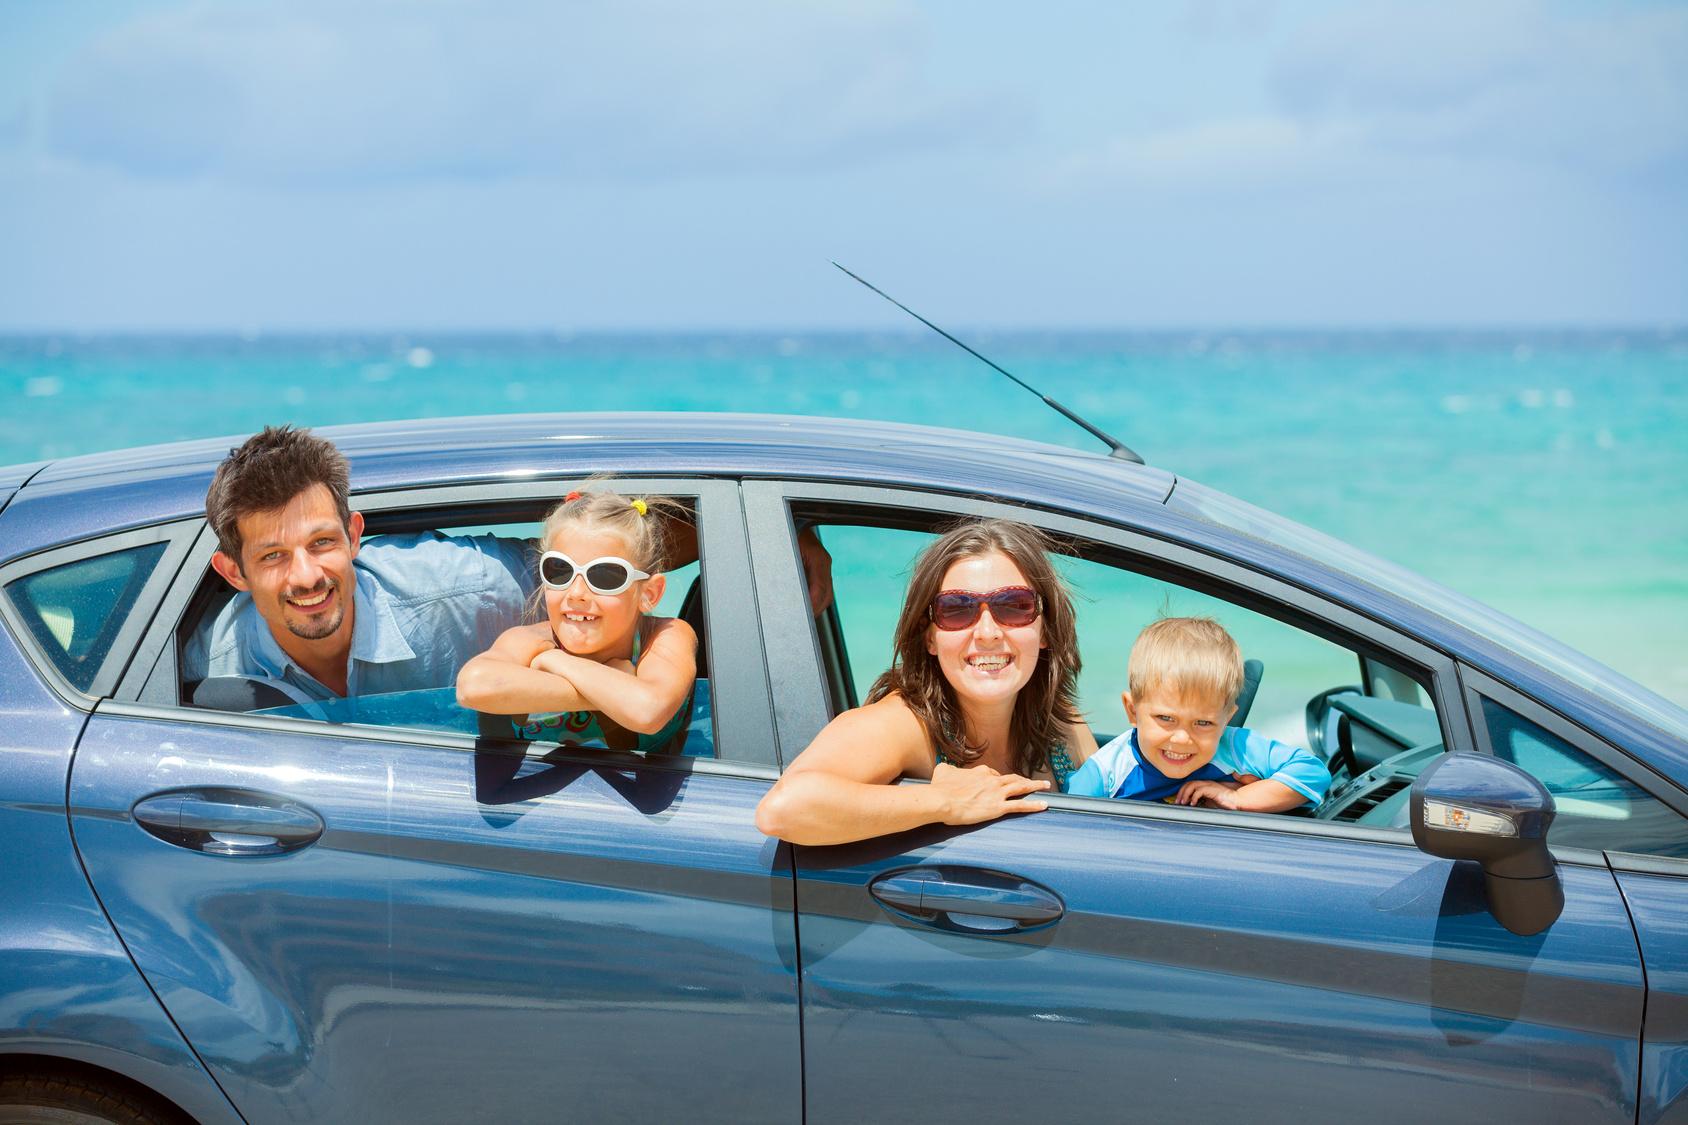 Location de voiture familiale pour les vacances